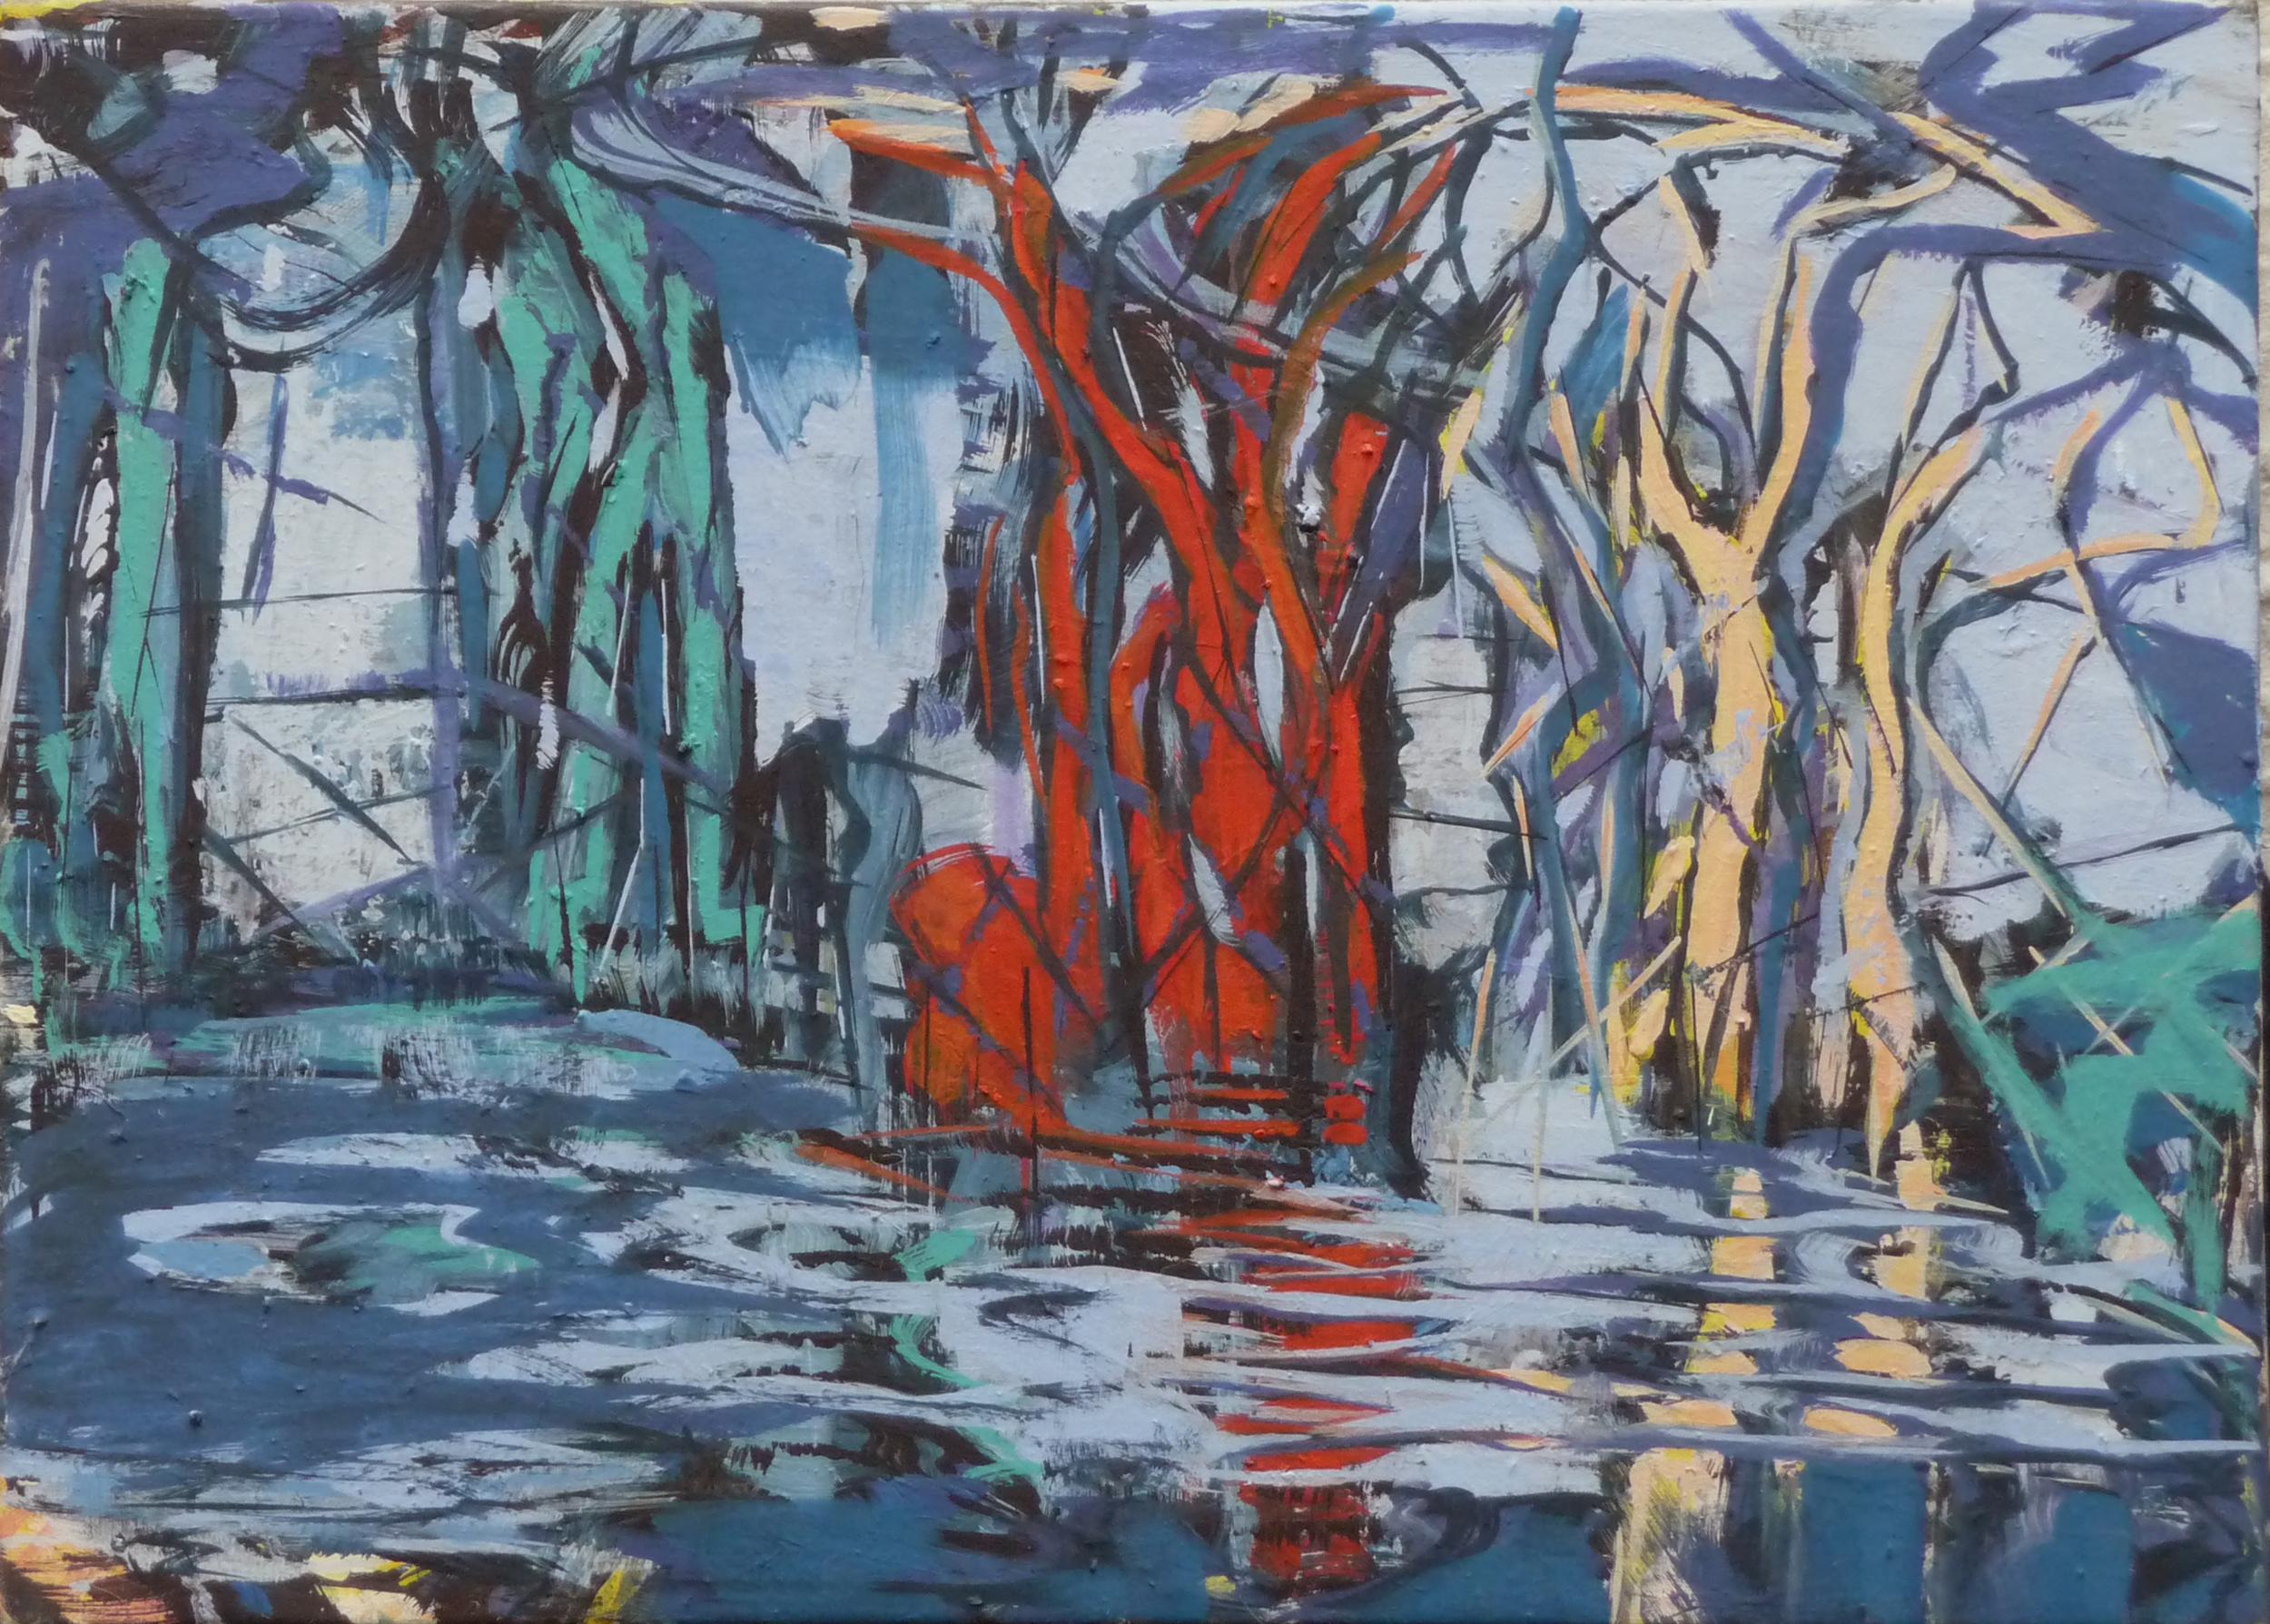 Image VI, Olieverf op doek, 50 x 70 cm